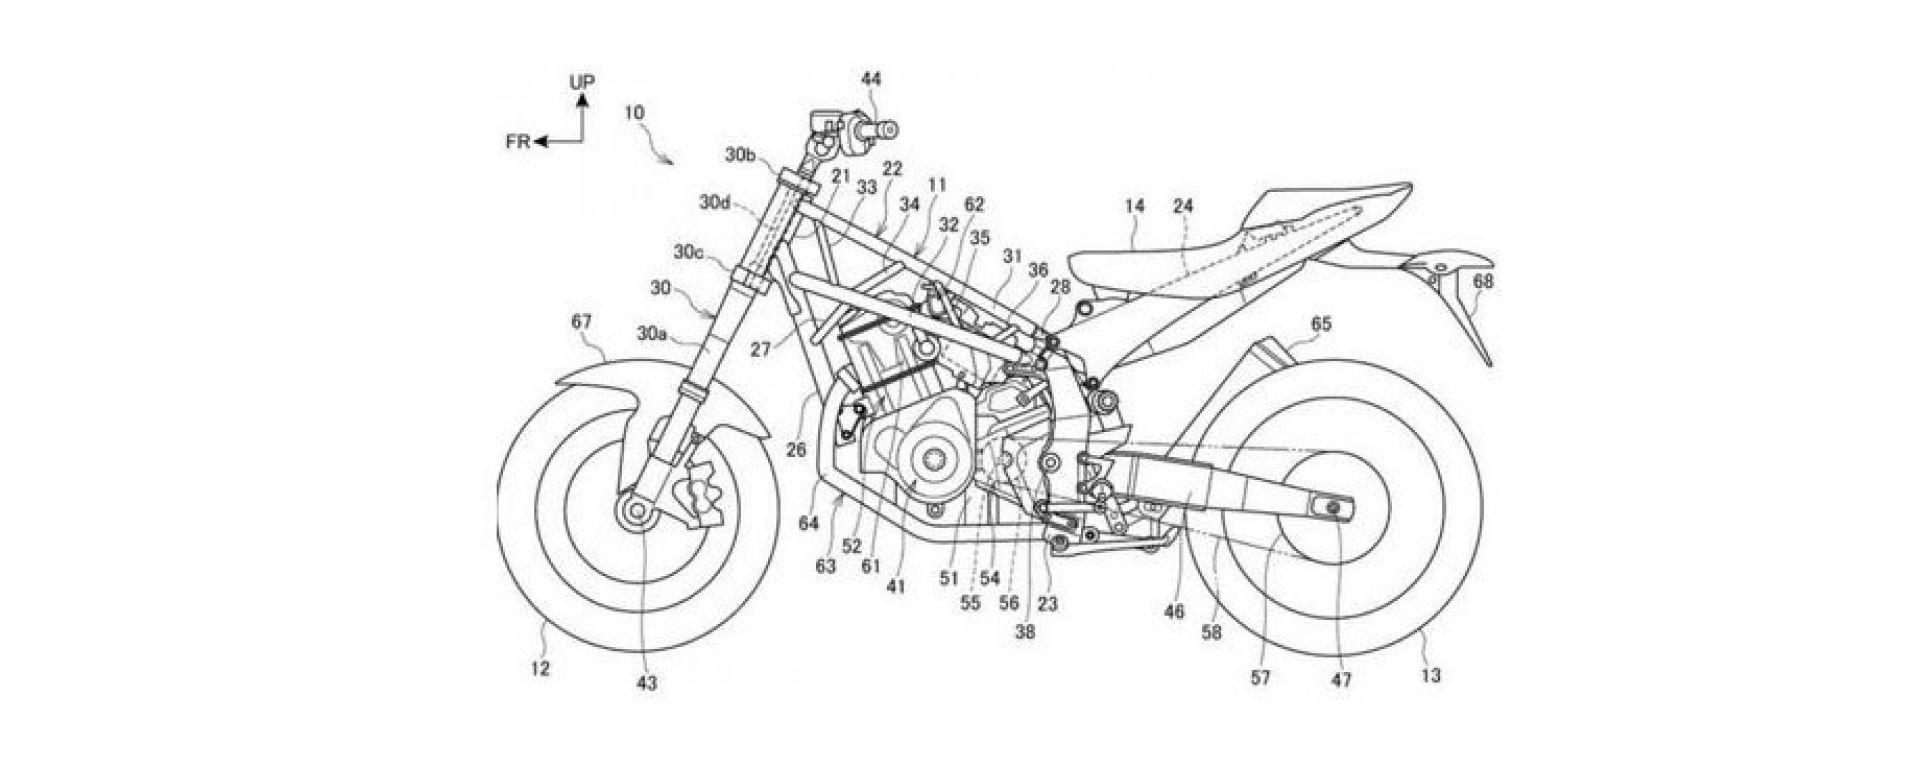 Il progetto Honda con il telaio a traliccio di tubi e motore dell'Africa Twin